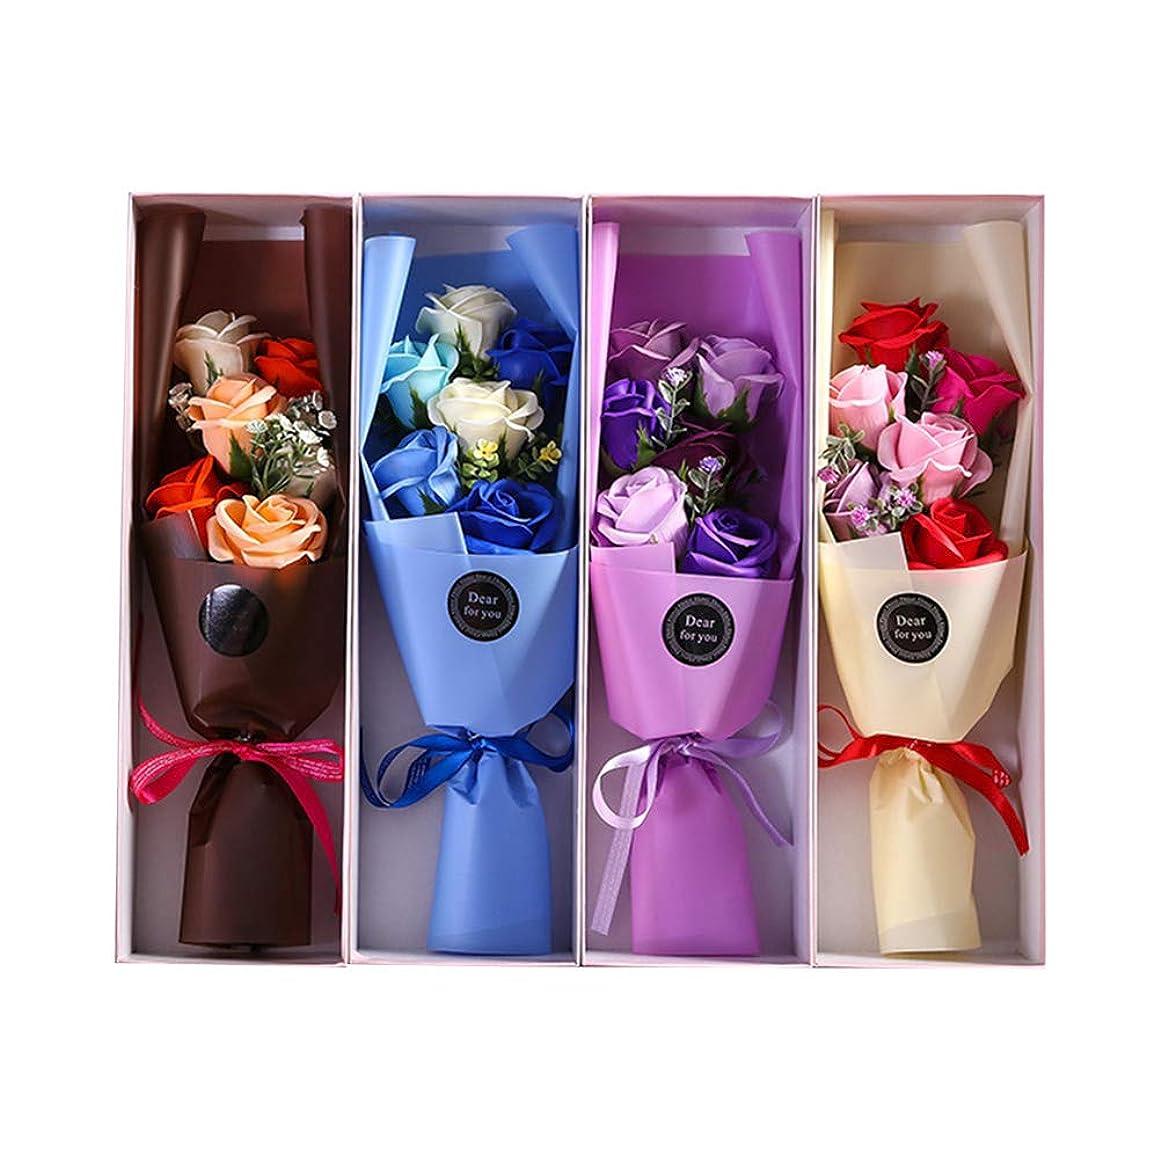 乳ソート受け皿BESTOYARD 6PCS石鹸の花びら人工石鹸の花のバラのギフトボックスカップルバレンタインデーのプレゼント(ランダムカラー)